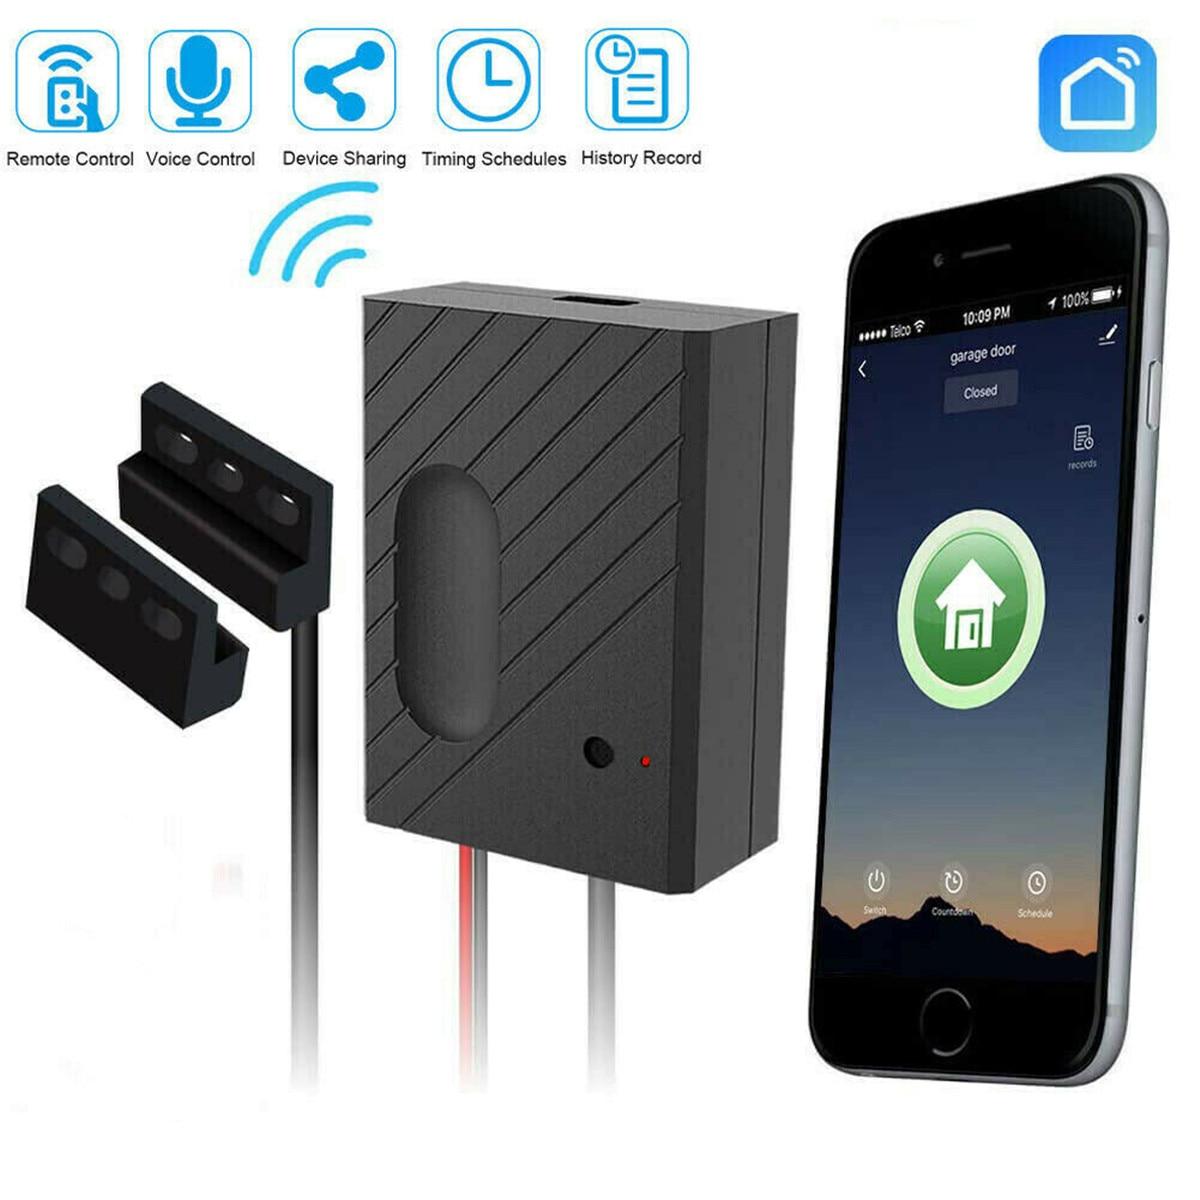 Ewelink Interruptor WiFi Controlador para o Carro Da Porta Da Garagem Abridor Da Porta Da Garagem Controle Remoto APP Controle de Cronometragem Voz